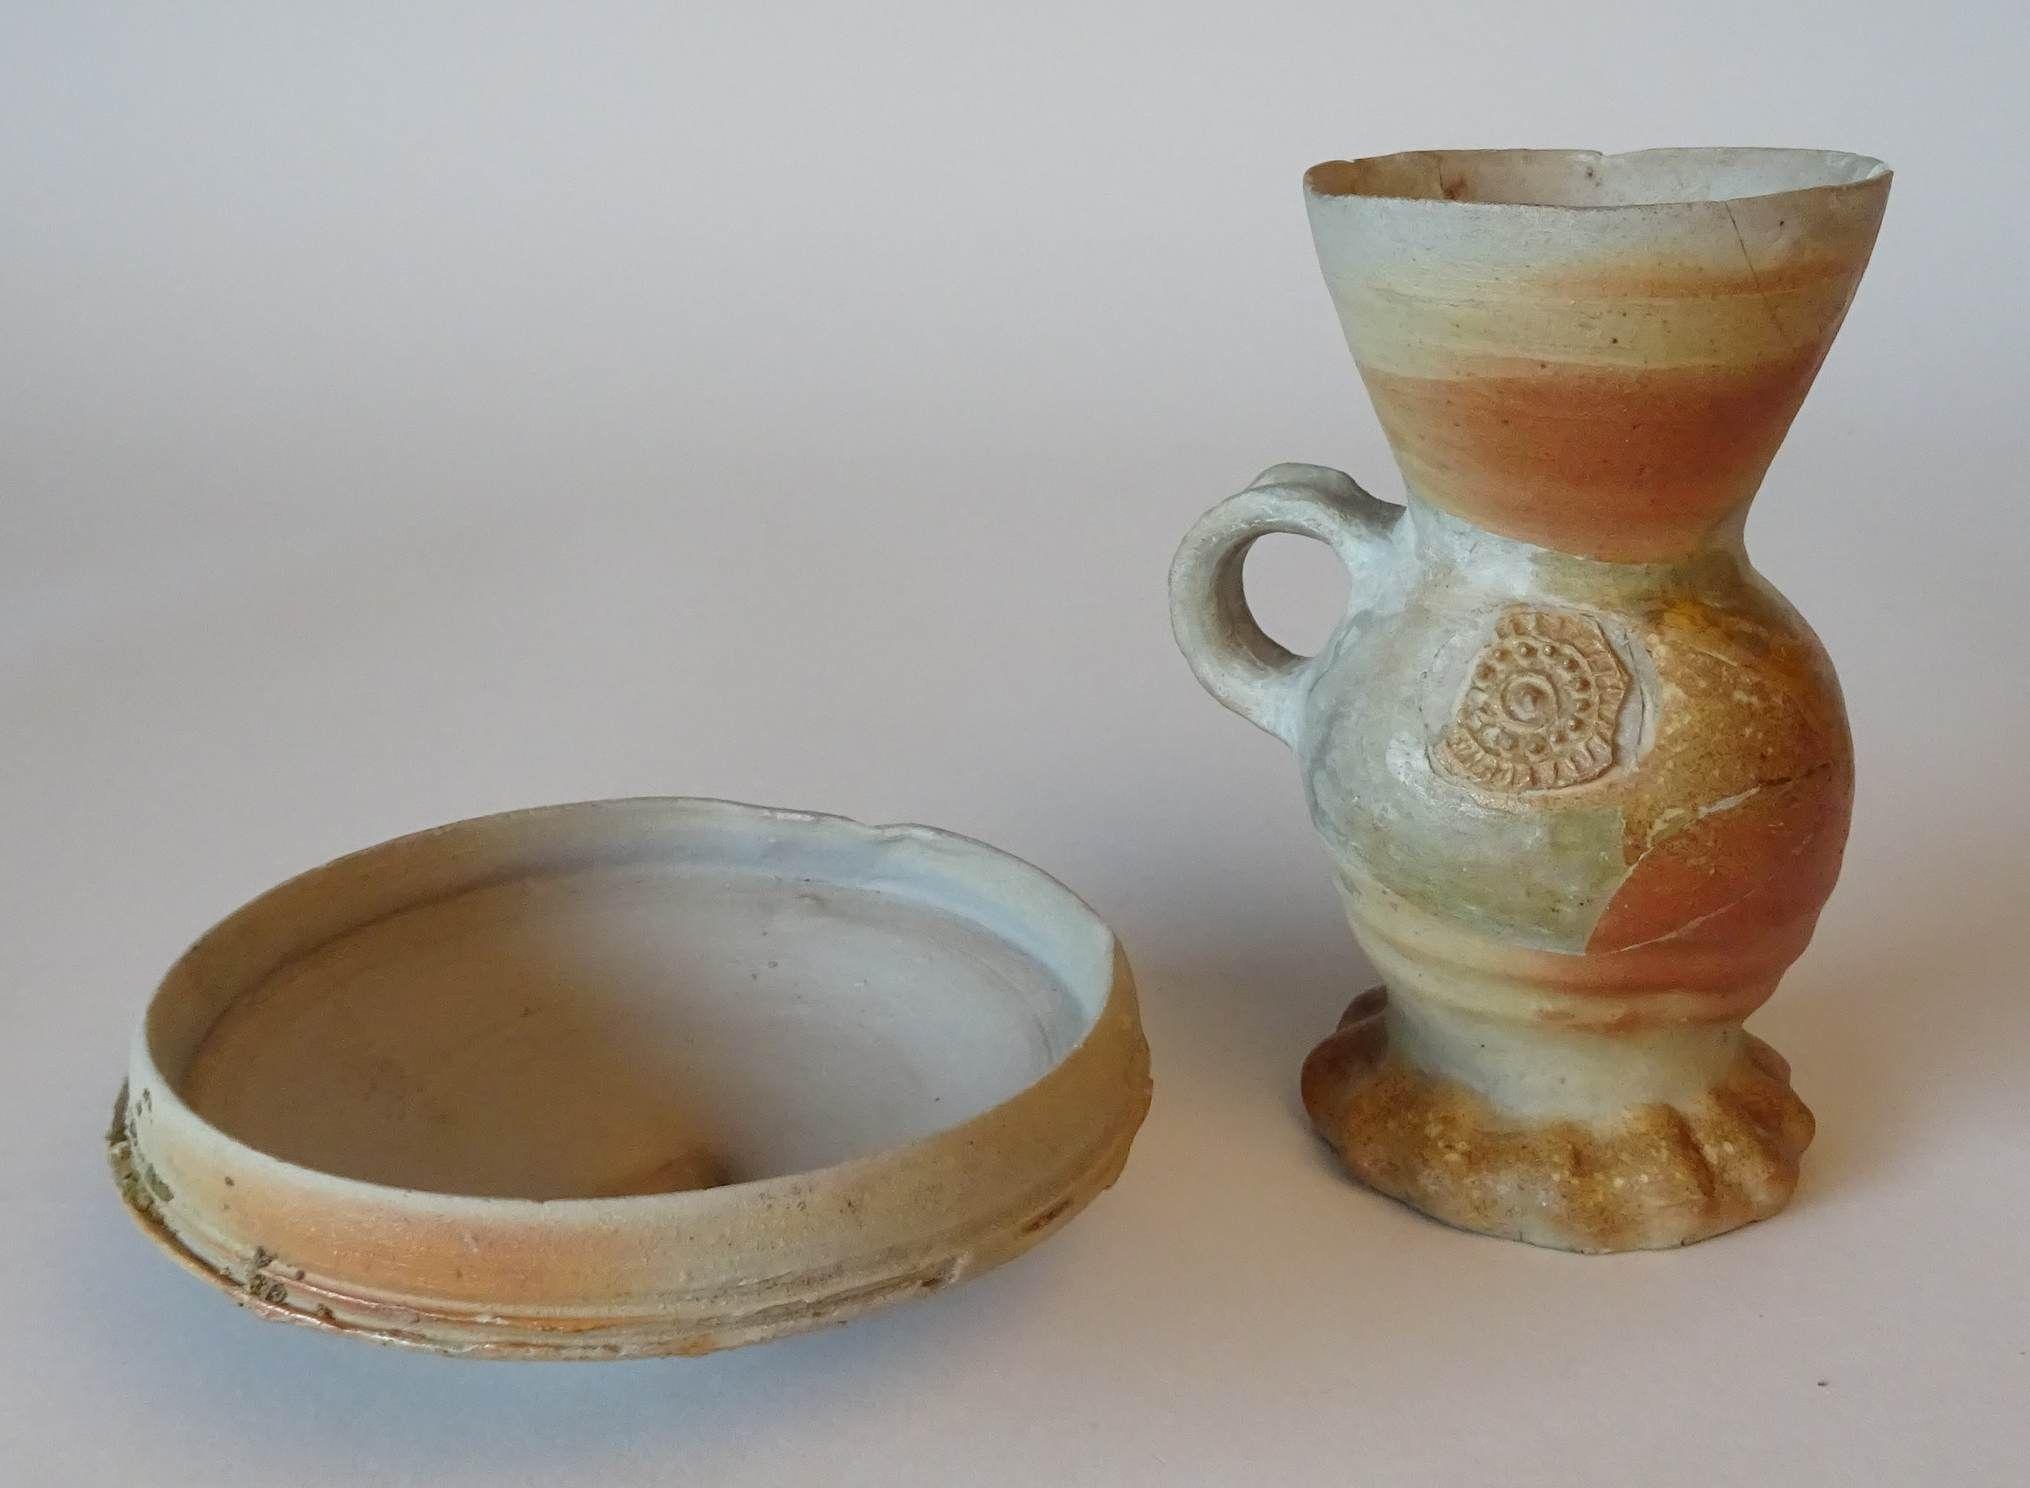 Drinkschaal en een beker van steengoed uit Siegburg (Duitsland) (SCEZ, Zeeuws Archeologisch Depot).